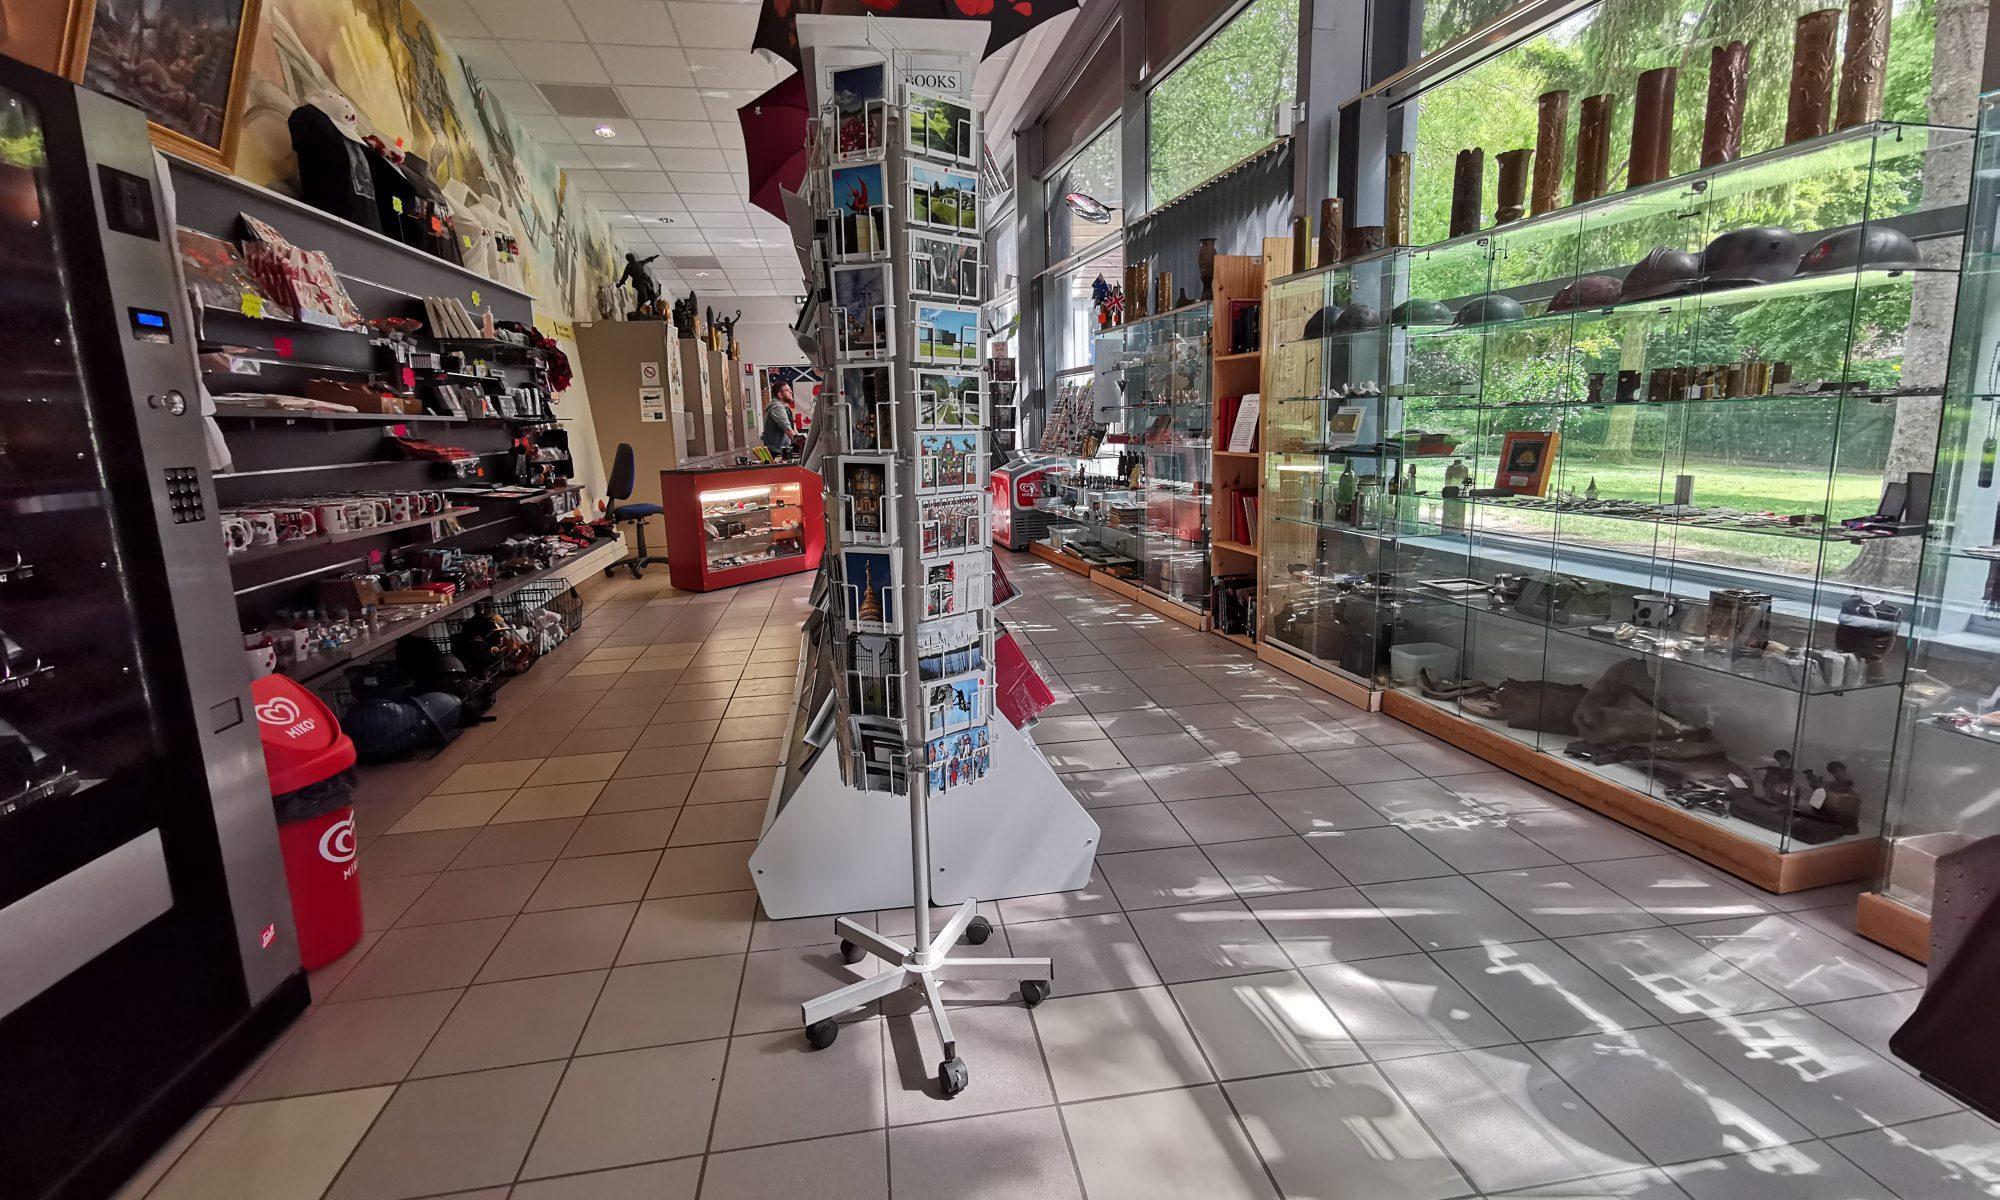 La boutique souvenir